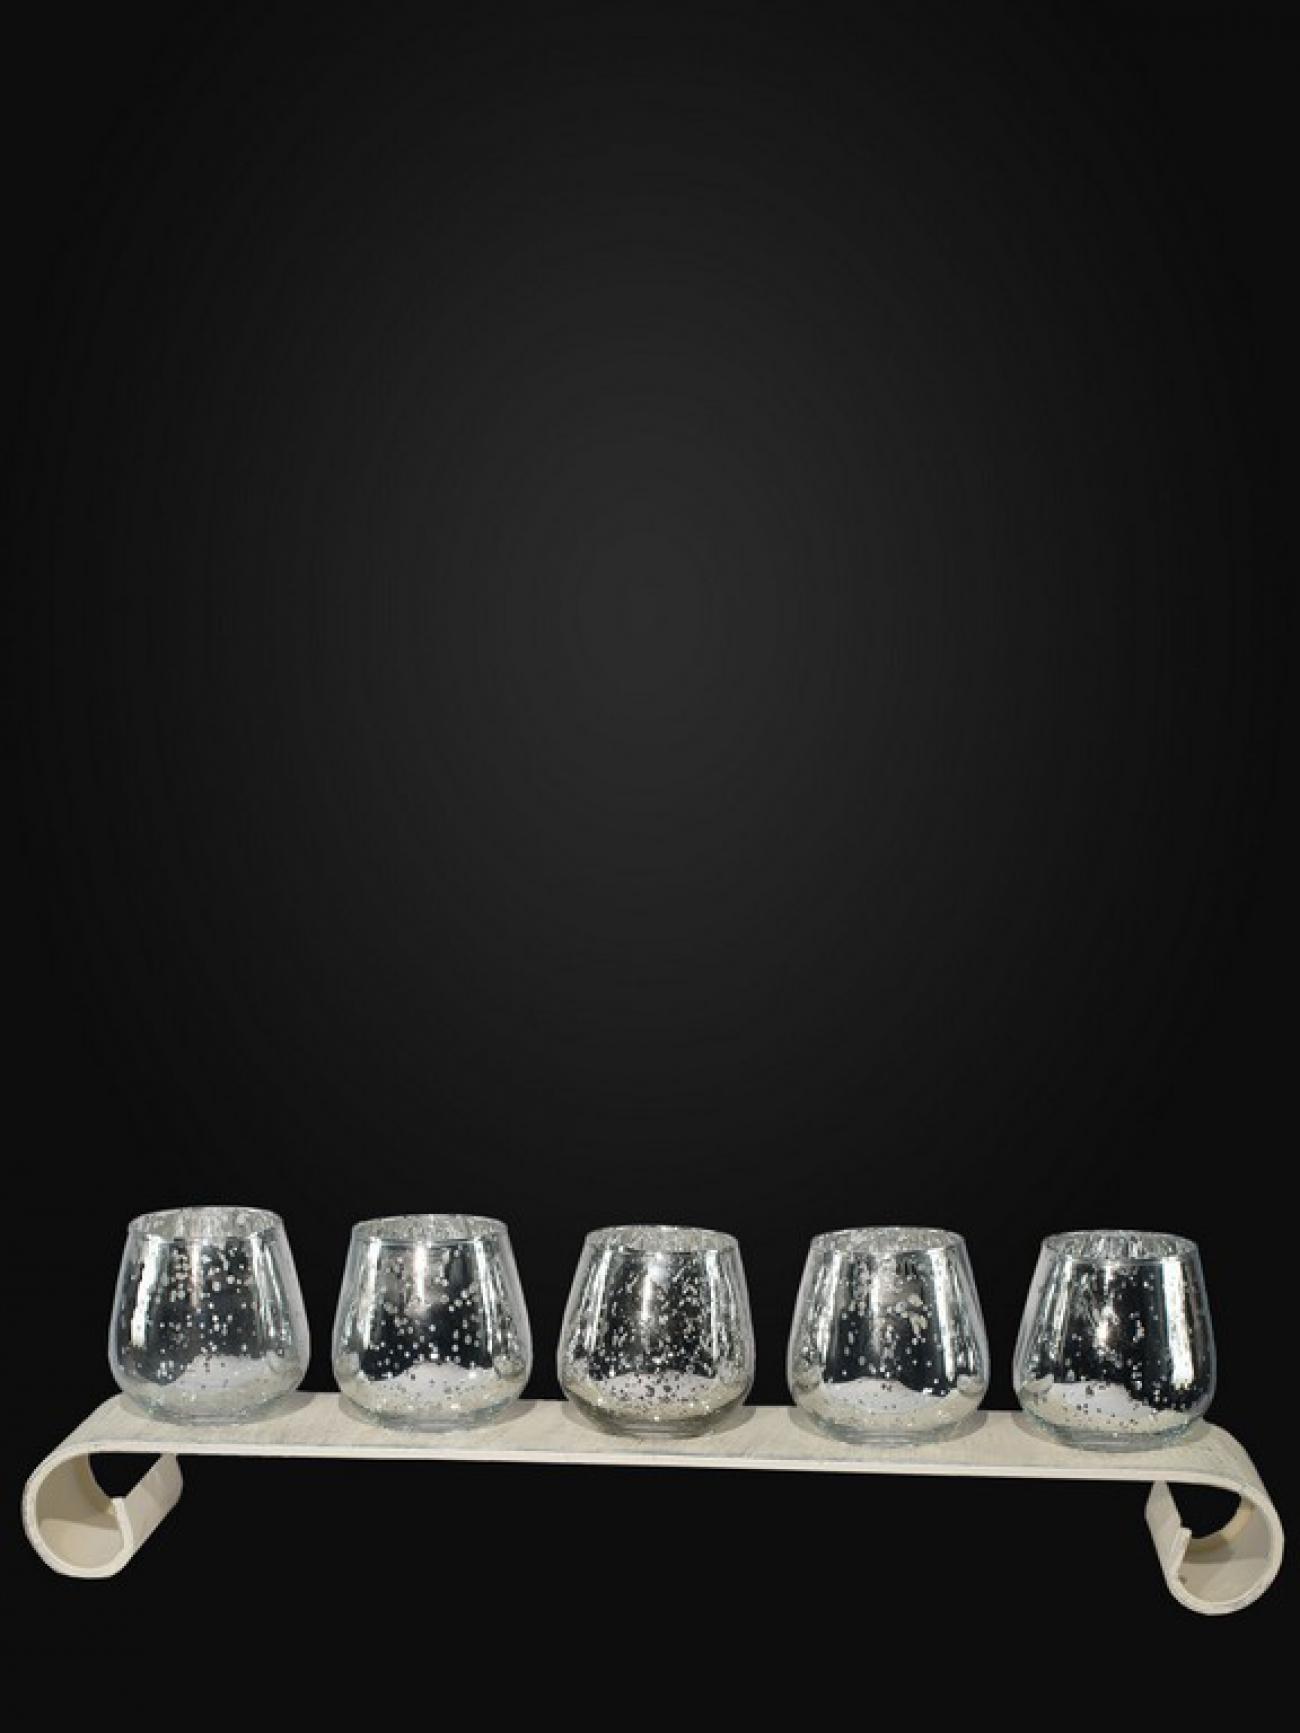 Подсвечники стекло с серебряной патиной